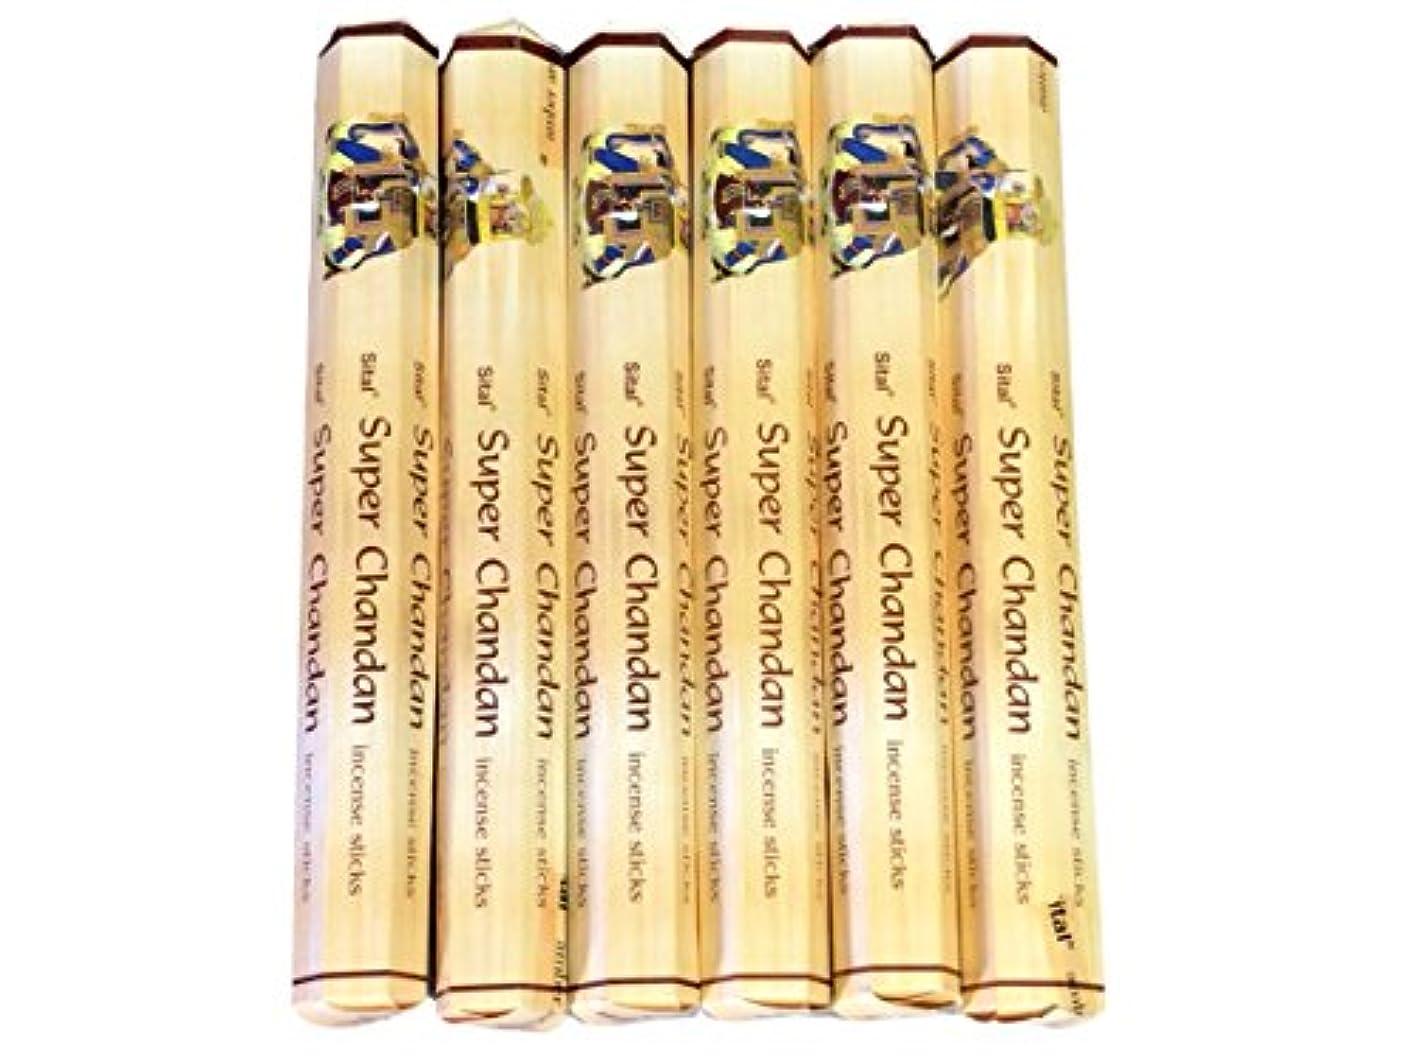 なす真鍮醸造所Sital シタル スーパーチャンダン SuperChandan ステック お香 6箱